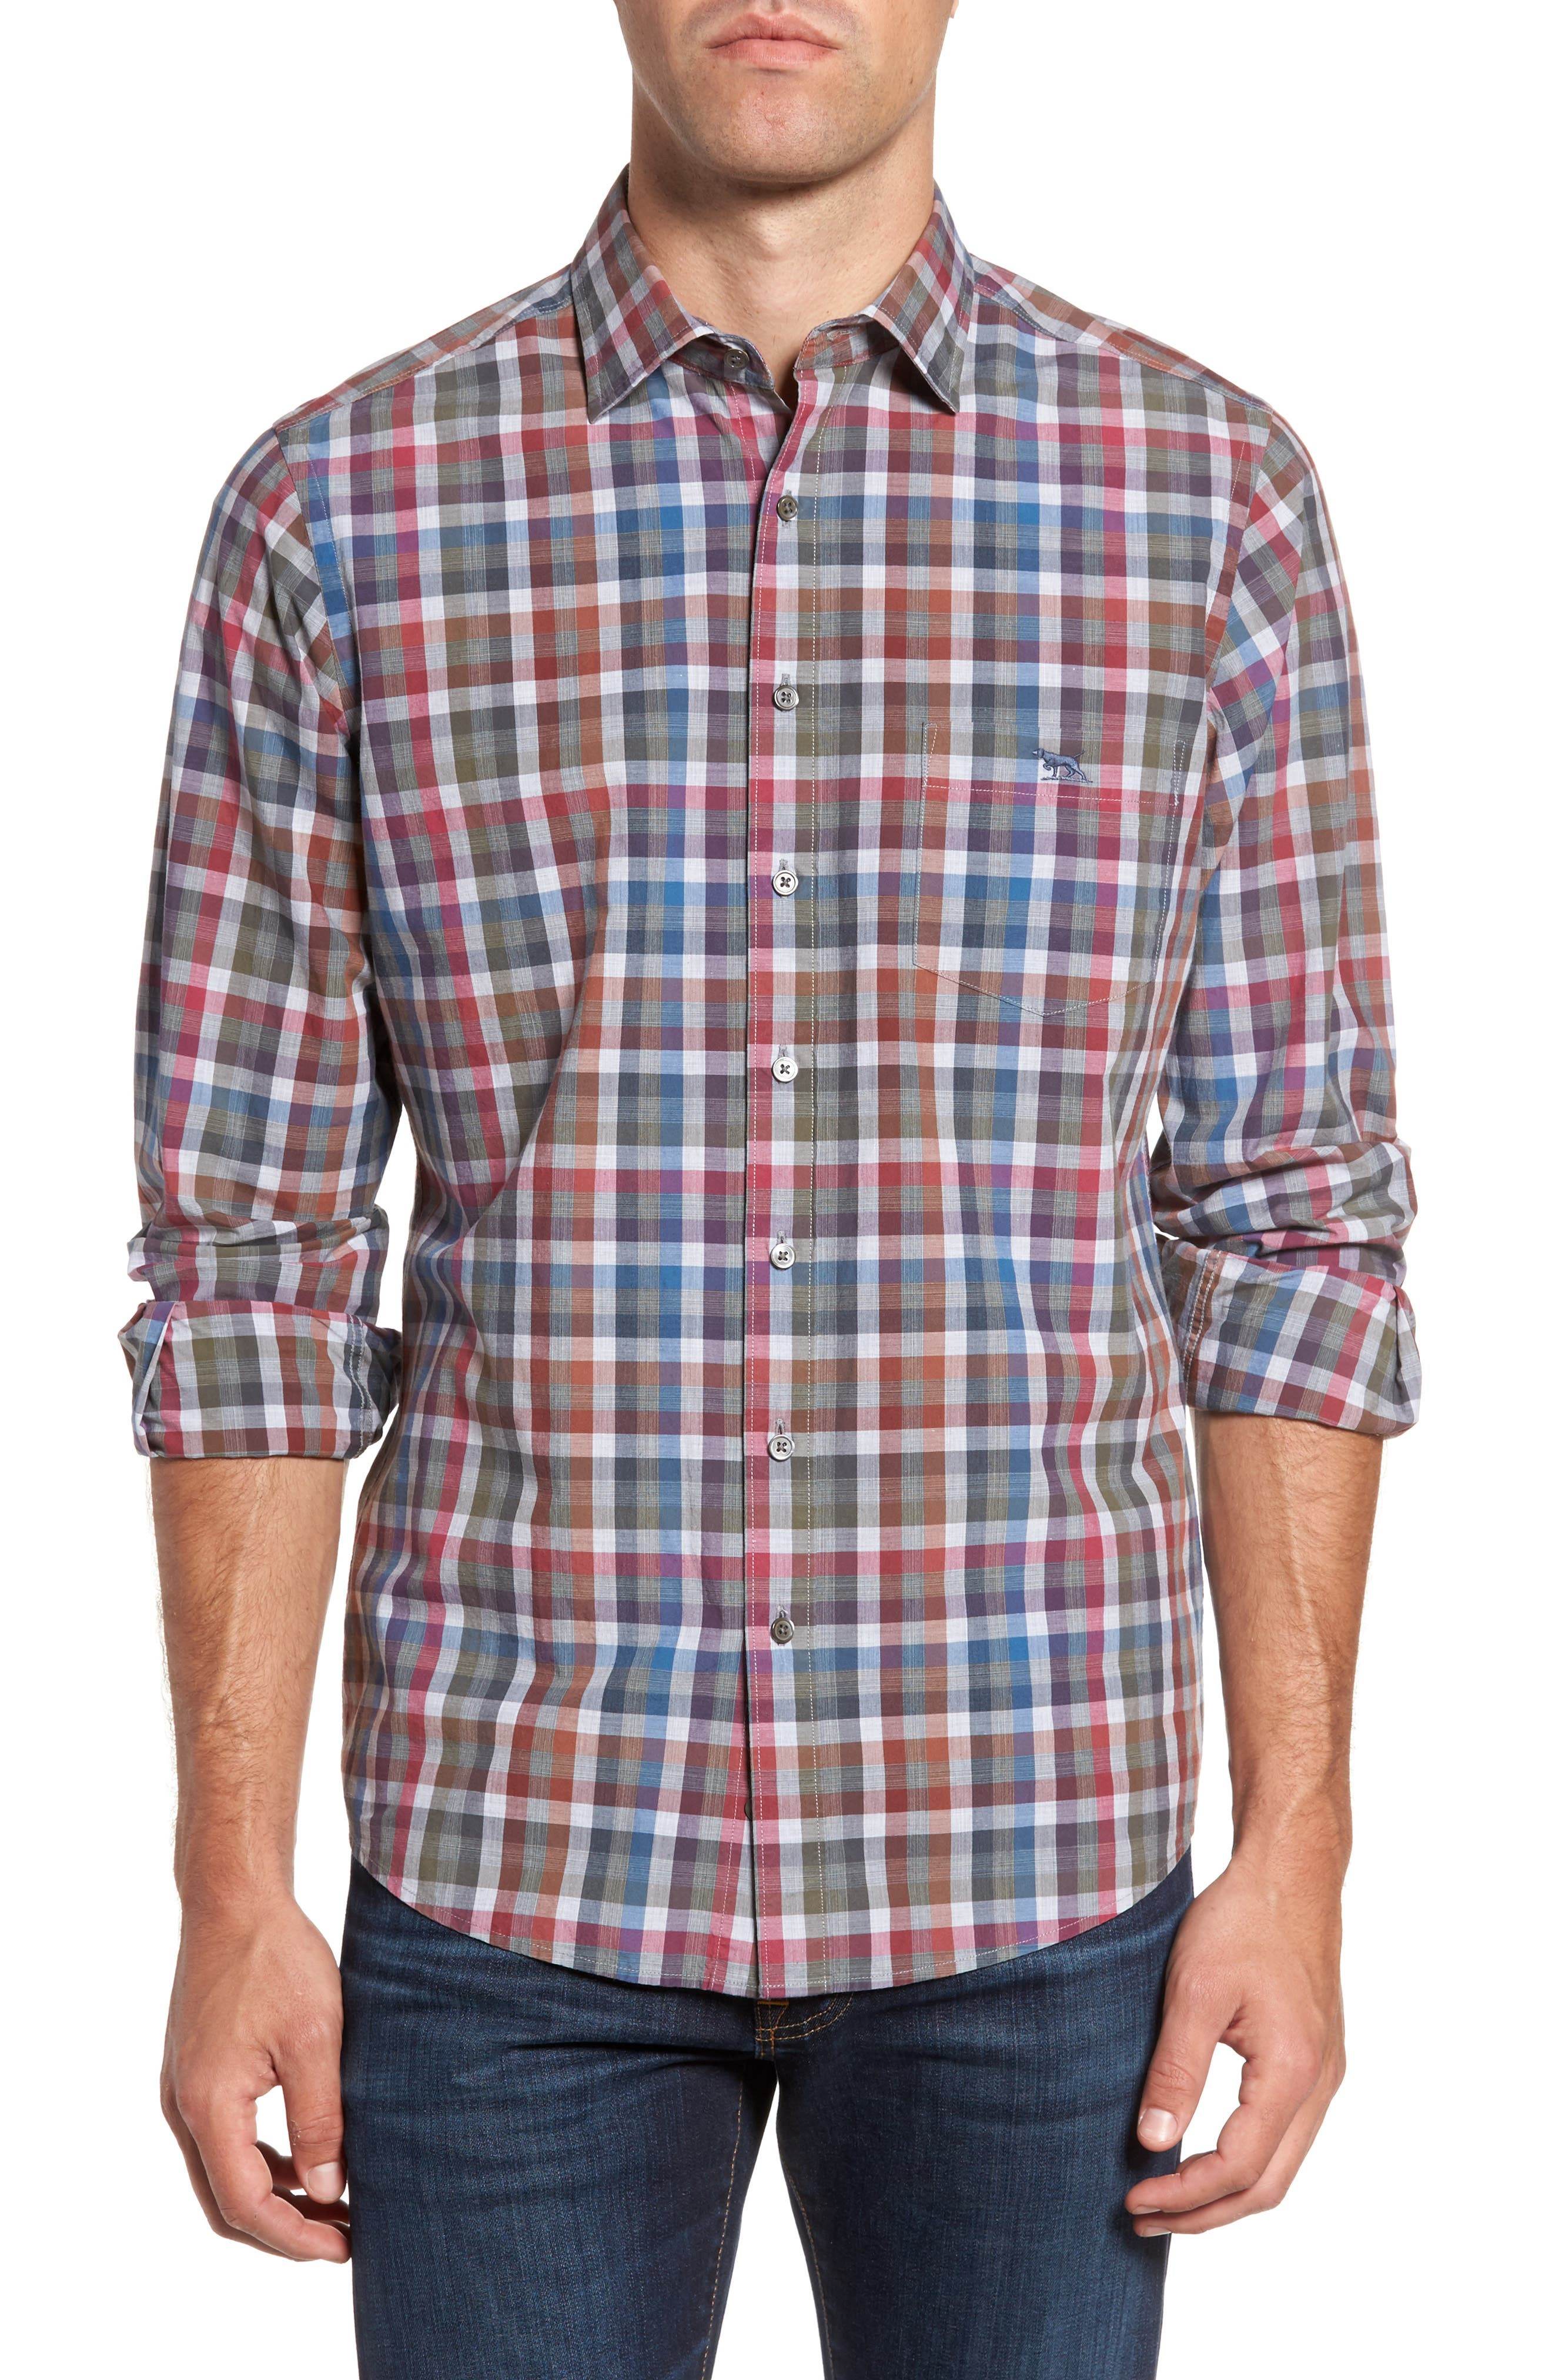 Brookview Sports Fit Plaid Sport Shirt,                             Main thumbnail 1, color,                             419